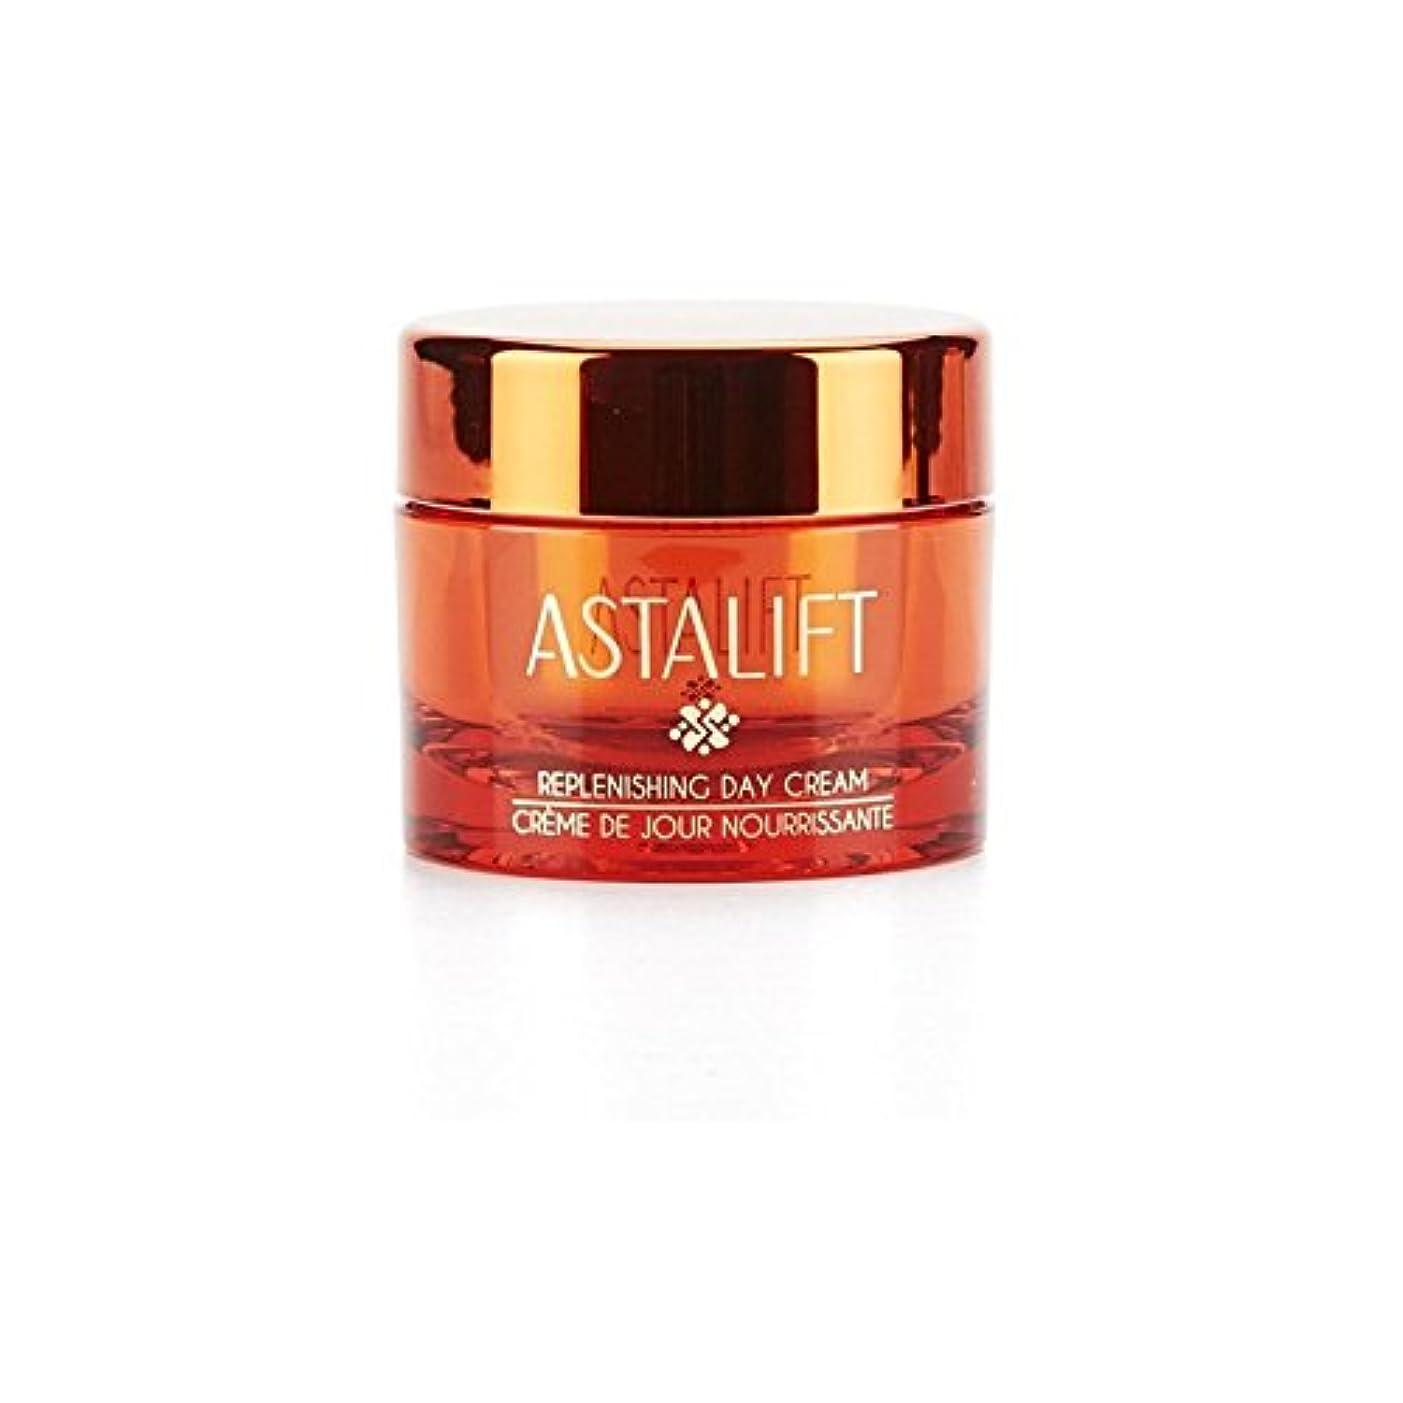 後店主ルーキーアスタリフト補充デイクリーム(30グラム) x4 - Astalift Replenishing Day Cream (30G) (Pack of 4) [並行輸入品]